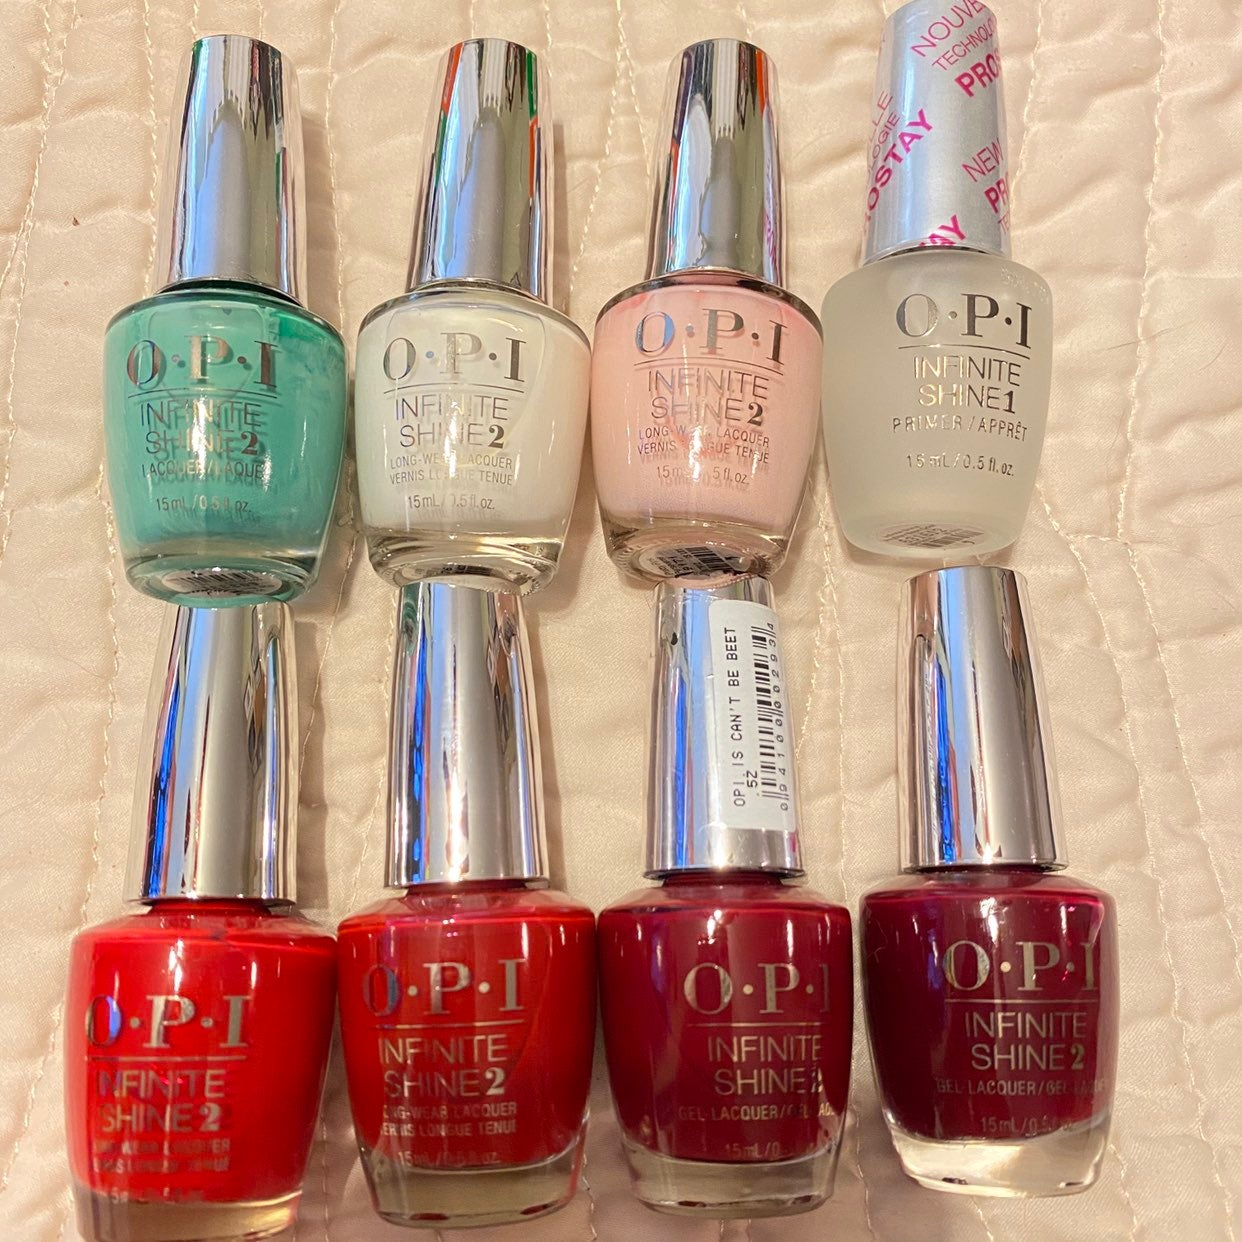 Opi nail polish bundle NEW